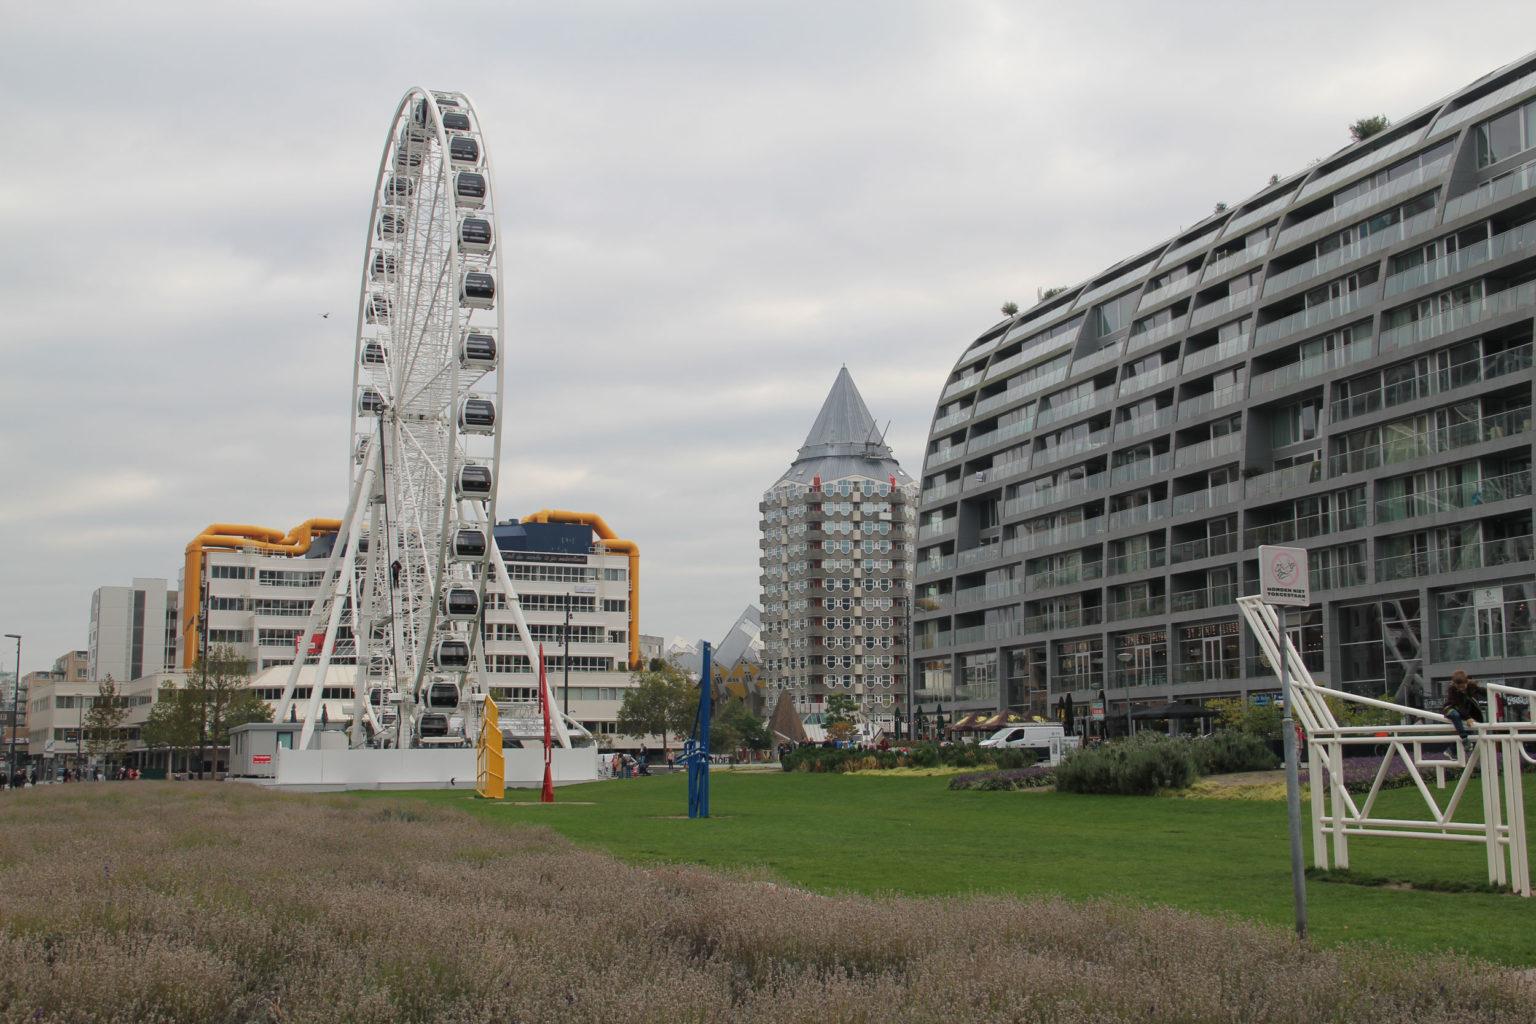 Markthalle Rotterdamm